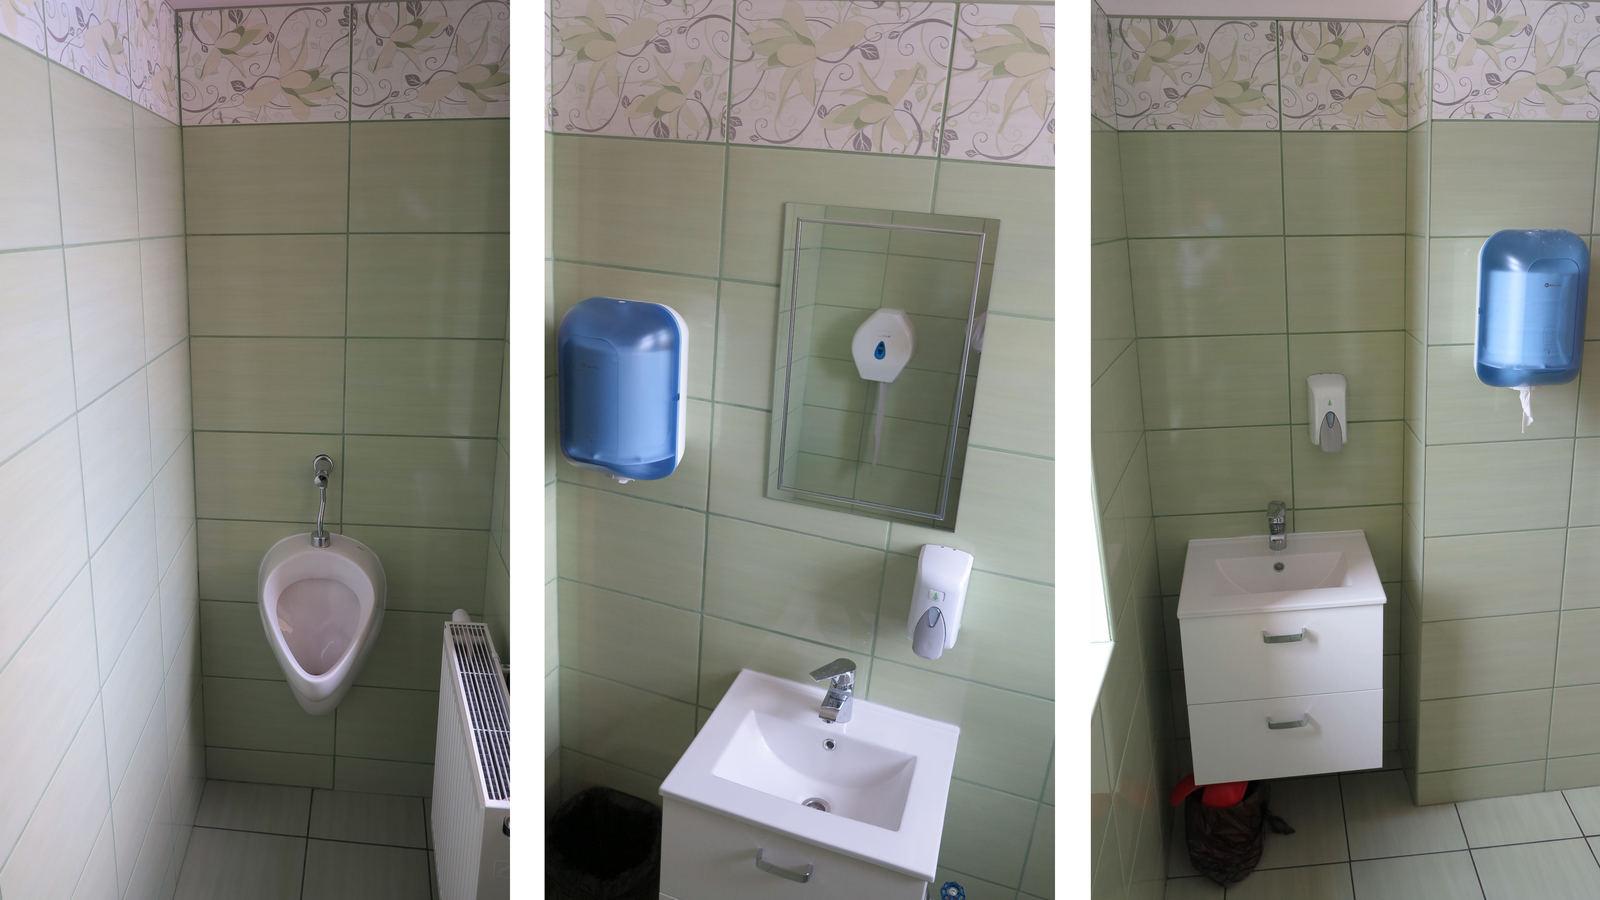 Obraz przedstawia trzy zdjęcia odnowionych sanitariatów. Widać na nich zielone płytki  ścienne, nową armaturę łazienkową w kolorze białym.